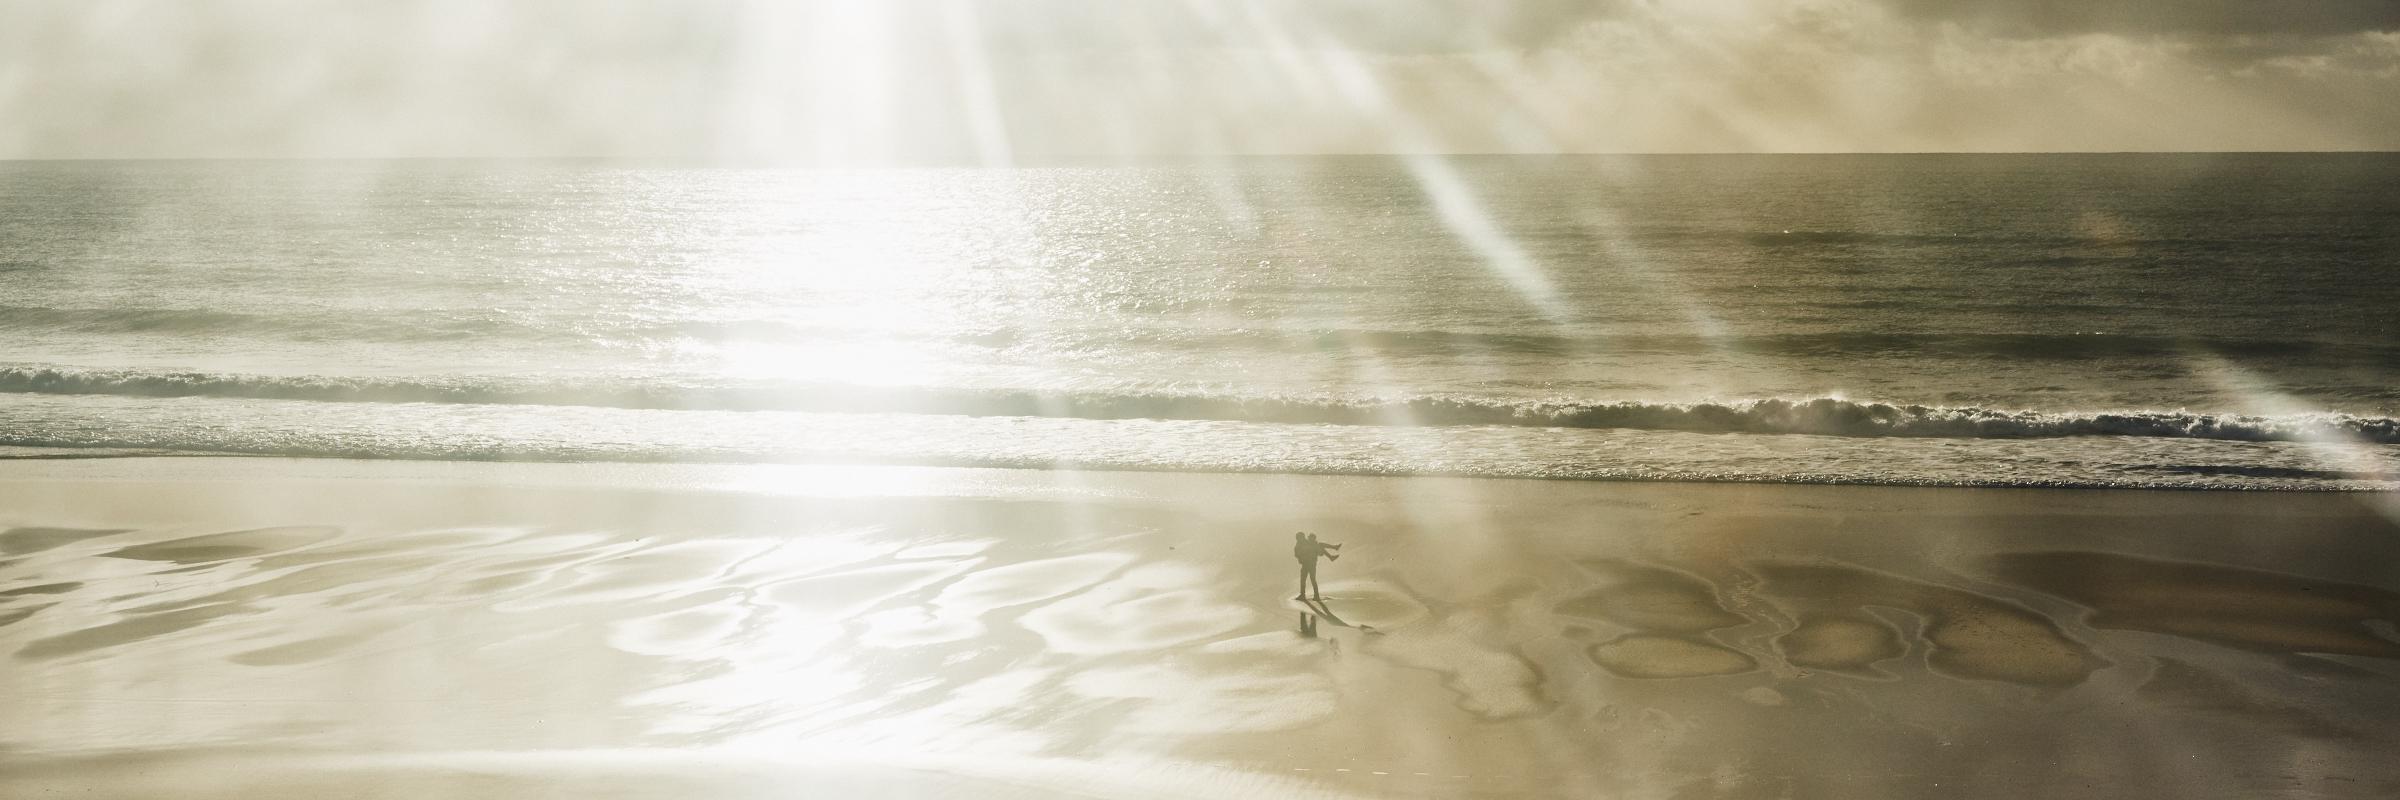 fine art seascape of a couple enjoying the beach in Alentejo